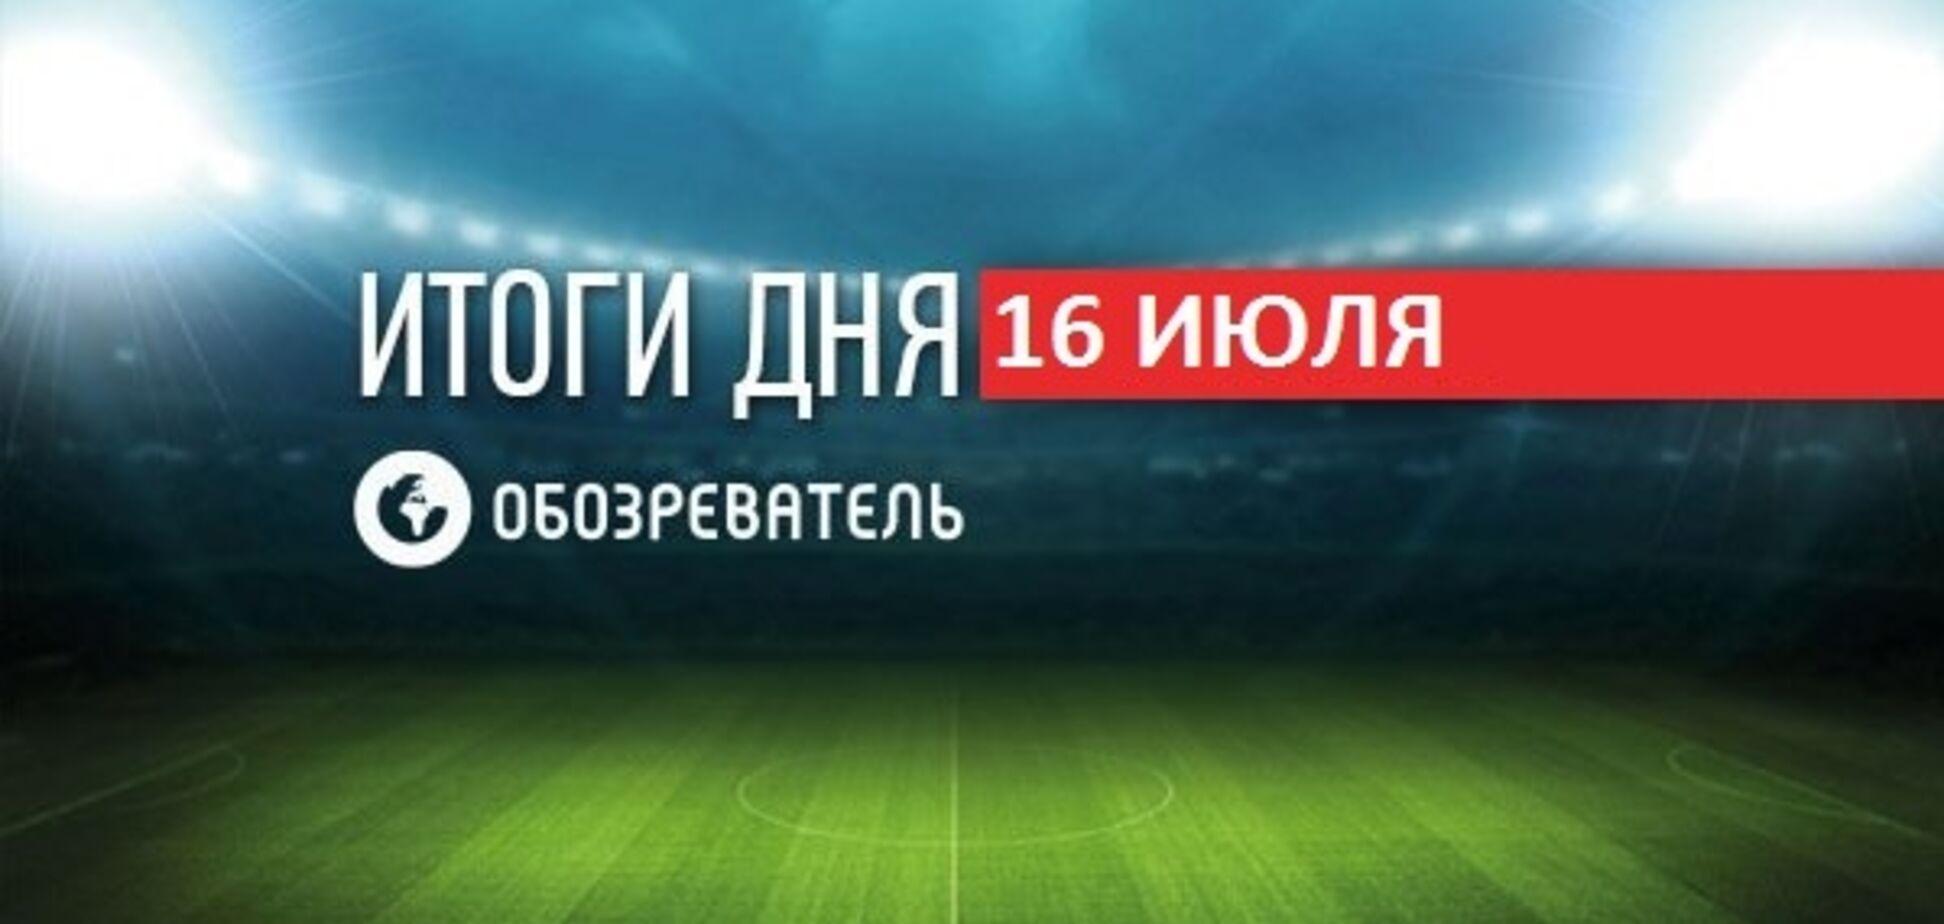 Усик сполохав мережу фото з Криму: спортивні підсумки 16 липня